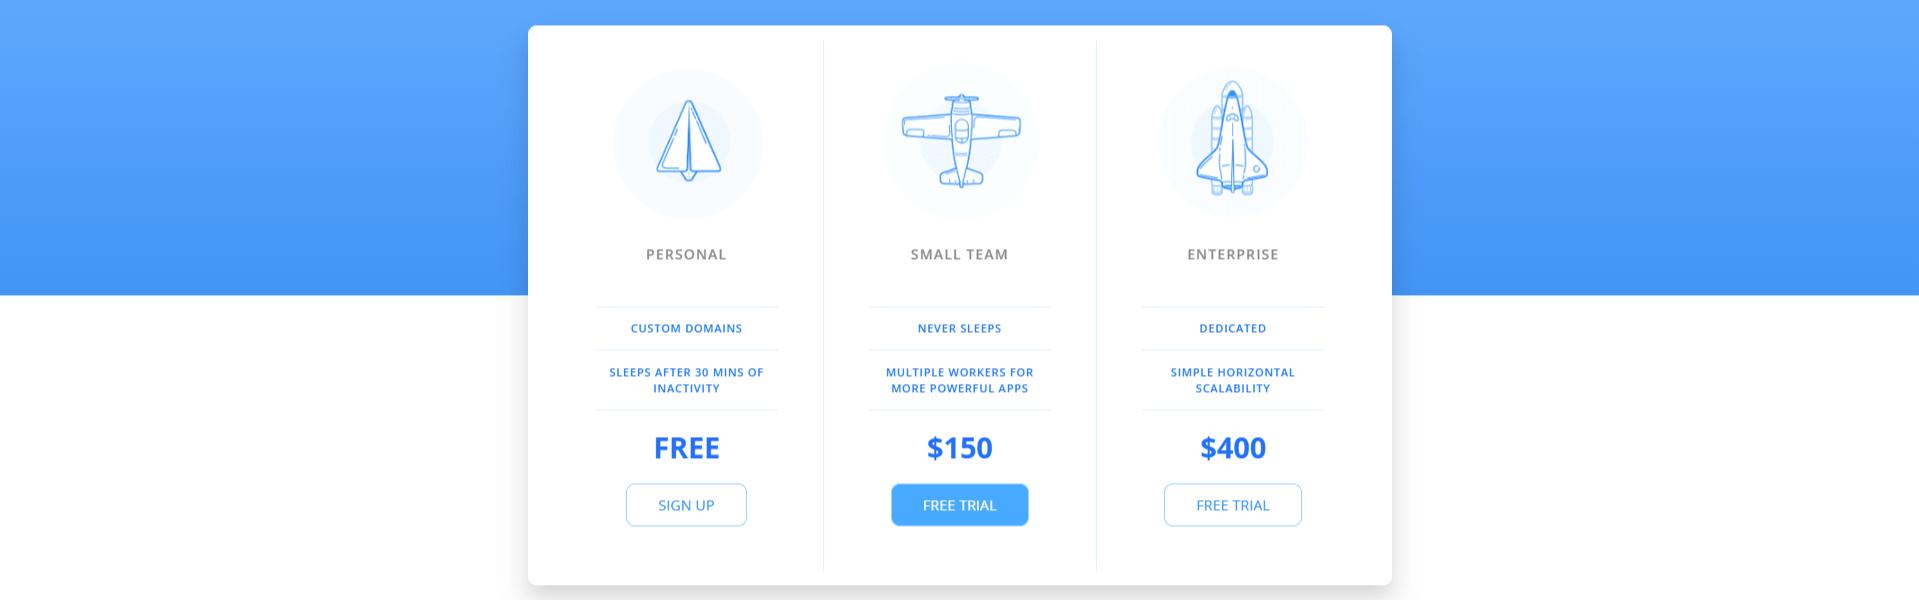 Pricing table(bảng giá dịch vụ) xây dựng bằng HTML, CSS Phần 6